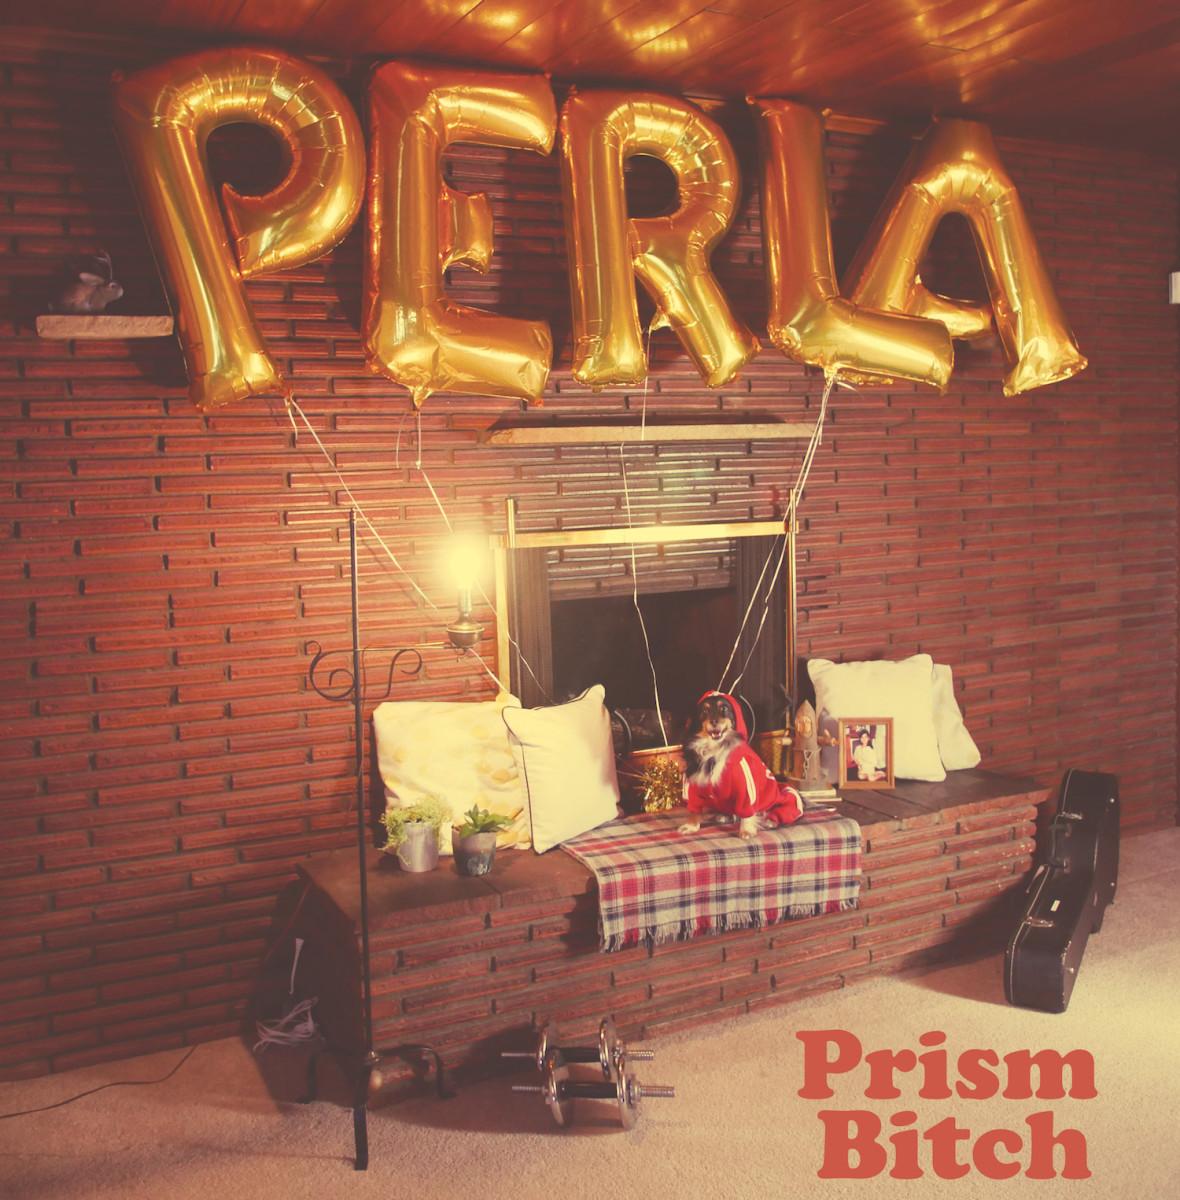 Prism Bitch Perla - cover art